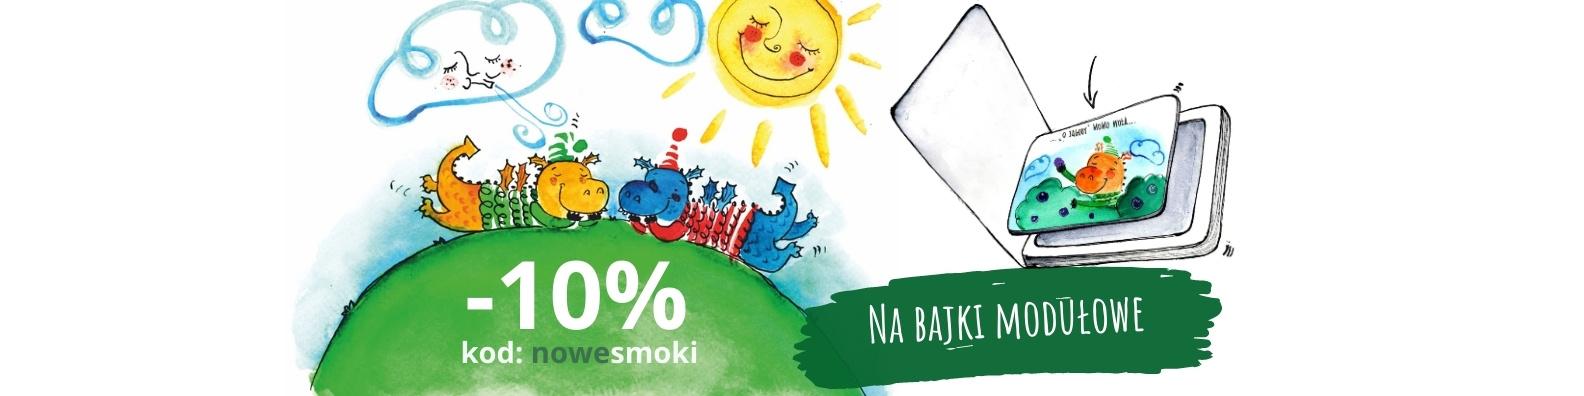 Wydawnictwo Bajkopis